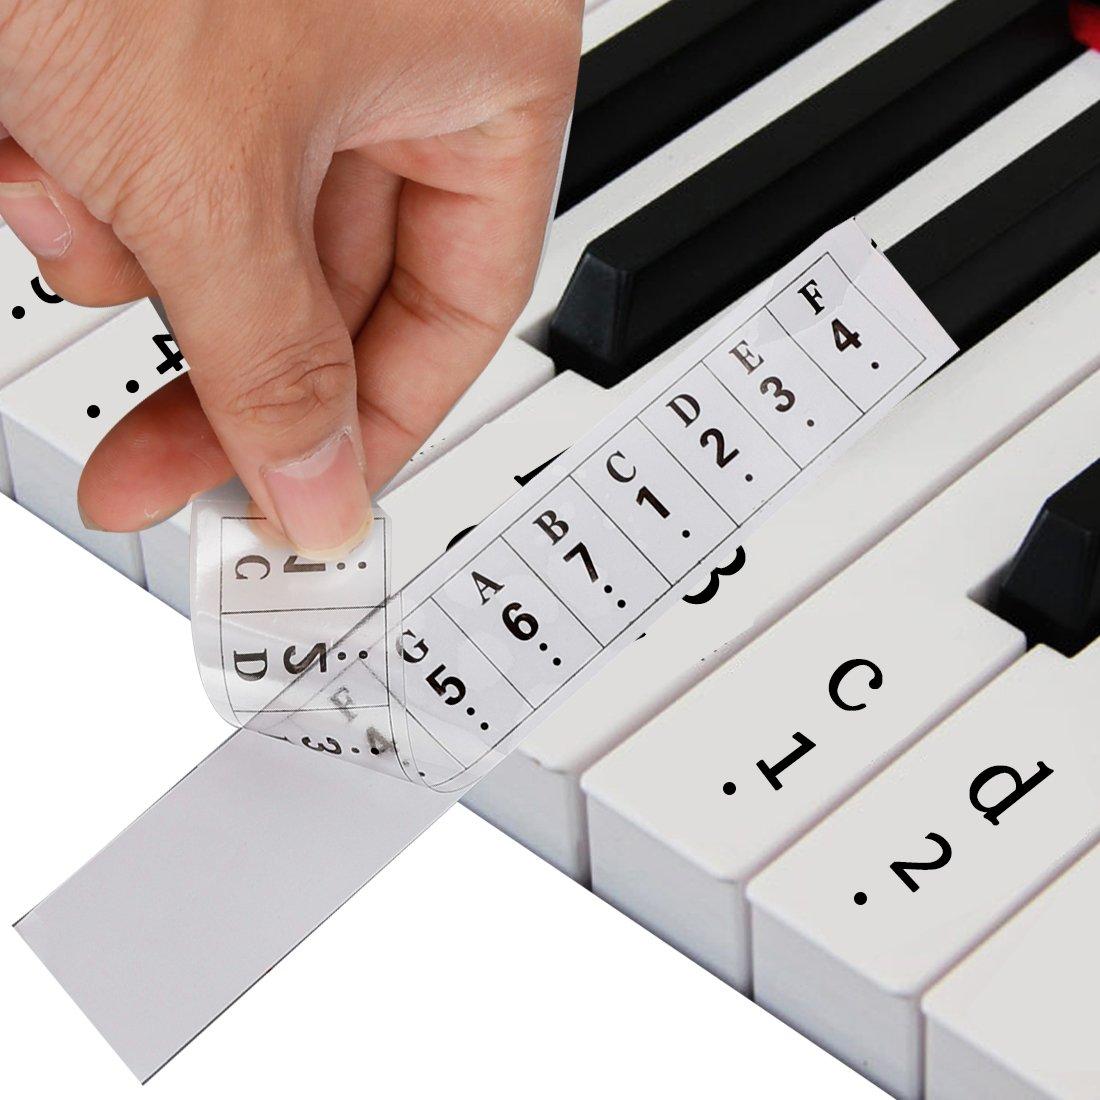 多様な A-SZCXTOPピアノキーボードステッカー 88鍵透明な鍵盤 、音符ステッカー 耐磨损B06Y67R933, カスカワスポーツ:5addeb12 --- rsctarapur.com